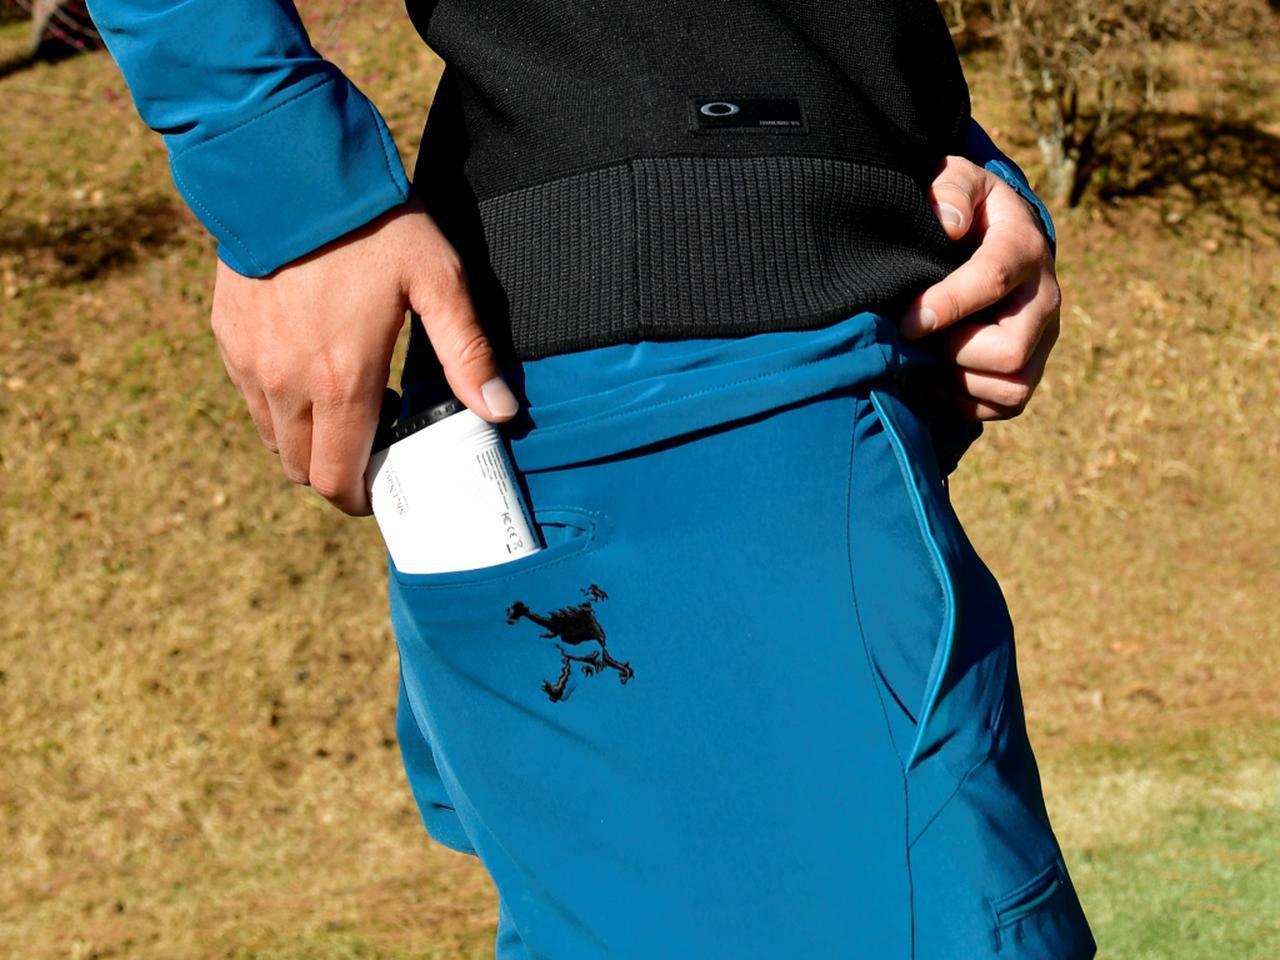 画像: コンパクトなのでポケットにもすんなり! スウィングの邪魔にもなりにくい